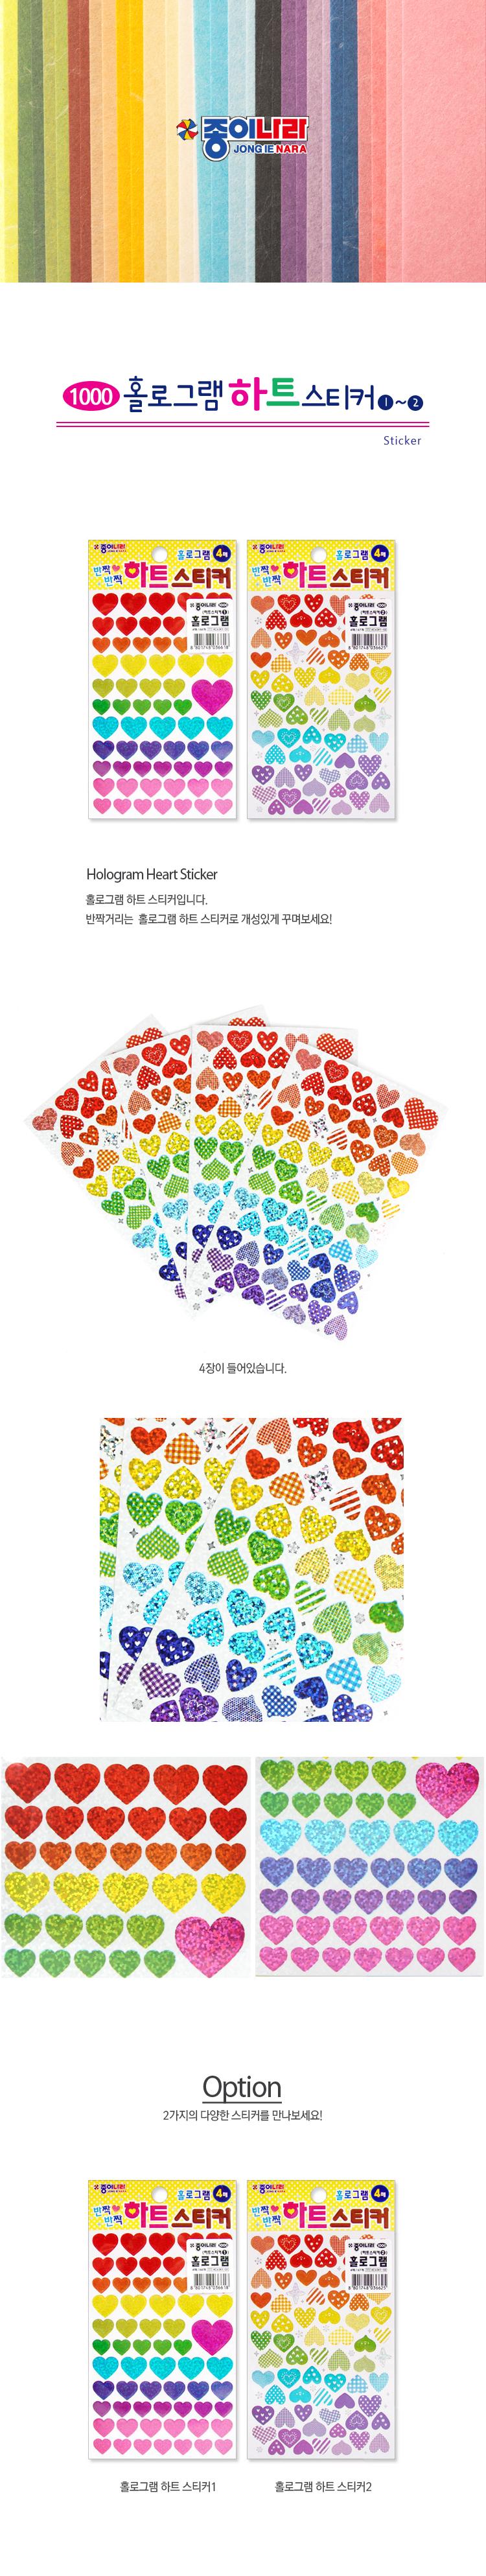 1000 홀로그램하트스티커 1~2 - 종이나라, 1,000원, 스티커, 포인트데코스티커